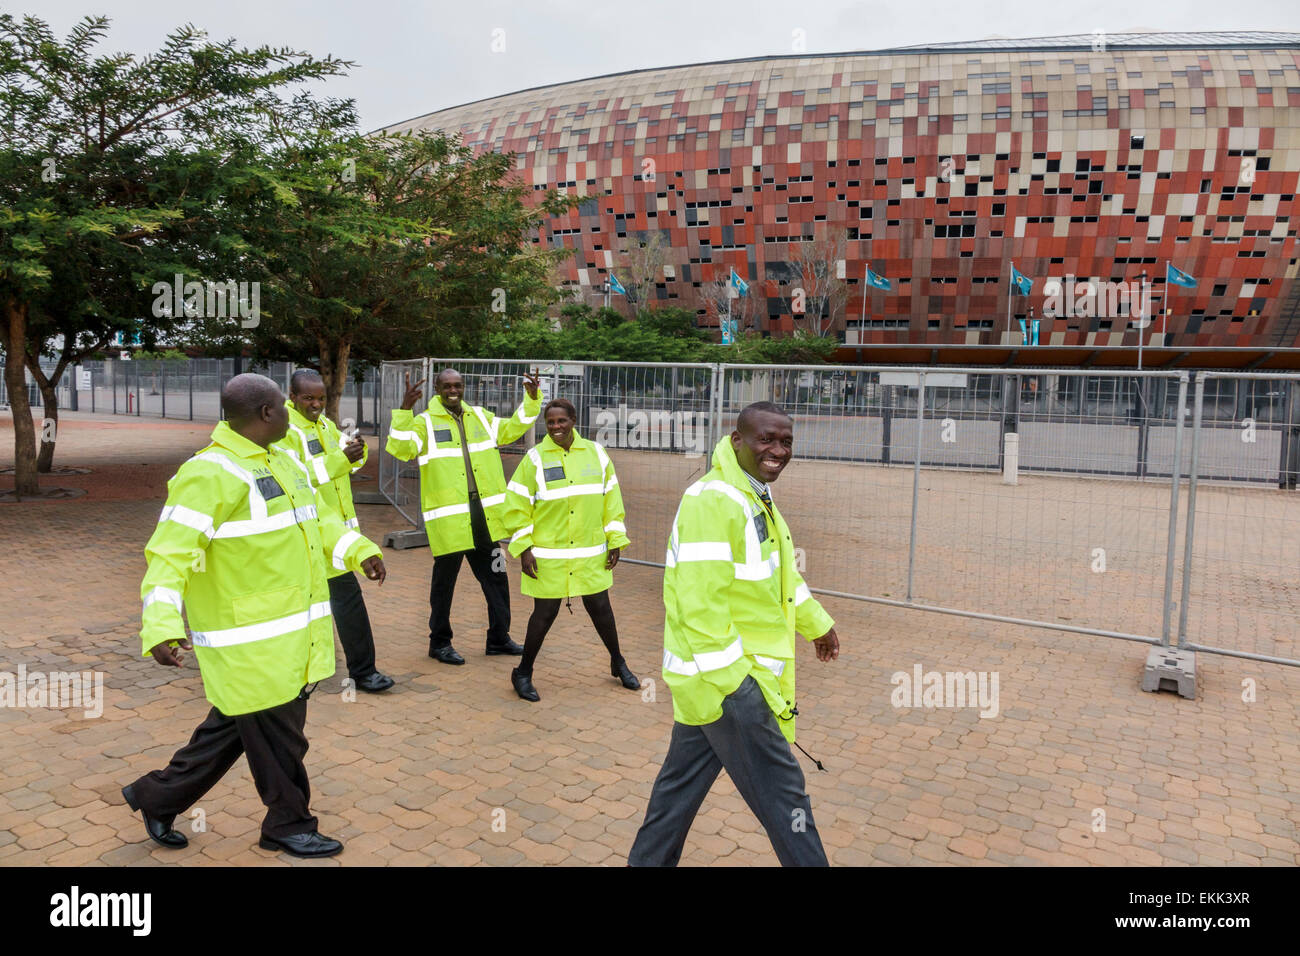 Johannesburgo, Sudáfrica African Nasrec FNB Soccer City Stadium el Calabash hombre negro mujer compañeros Imagen De Stock